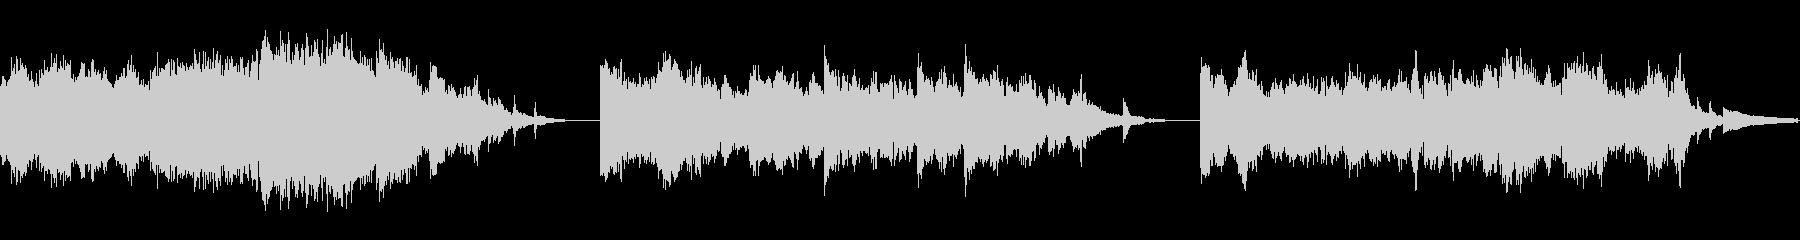 現代的 交響曲 プログレッシブ ド...の未再生の波形